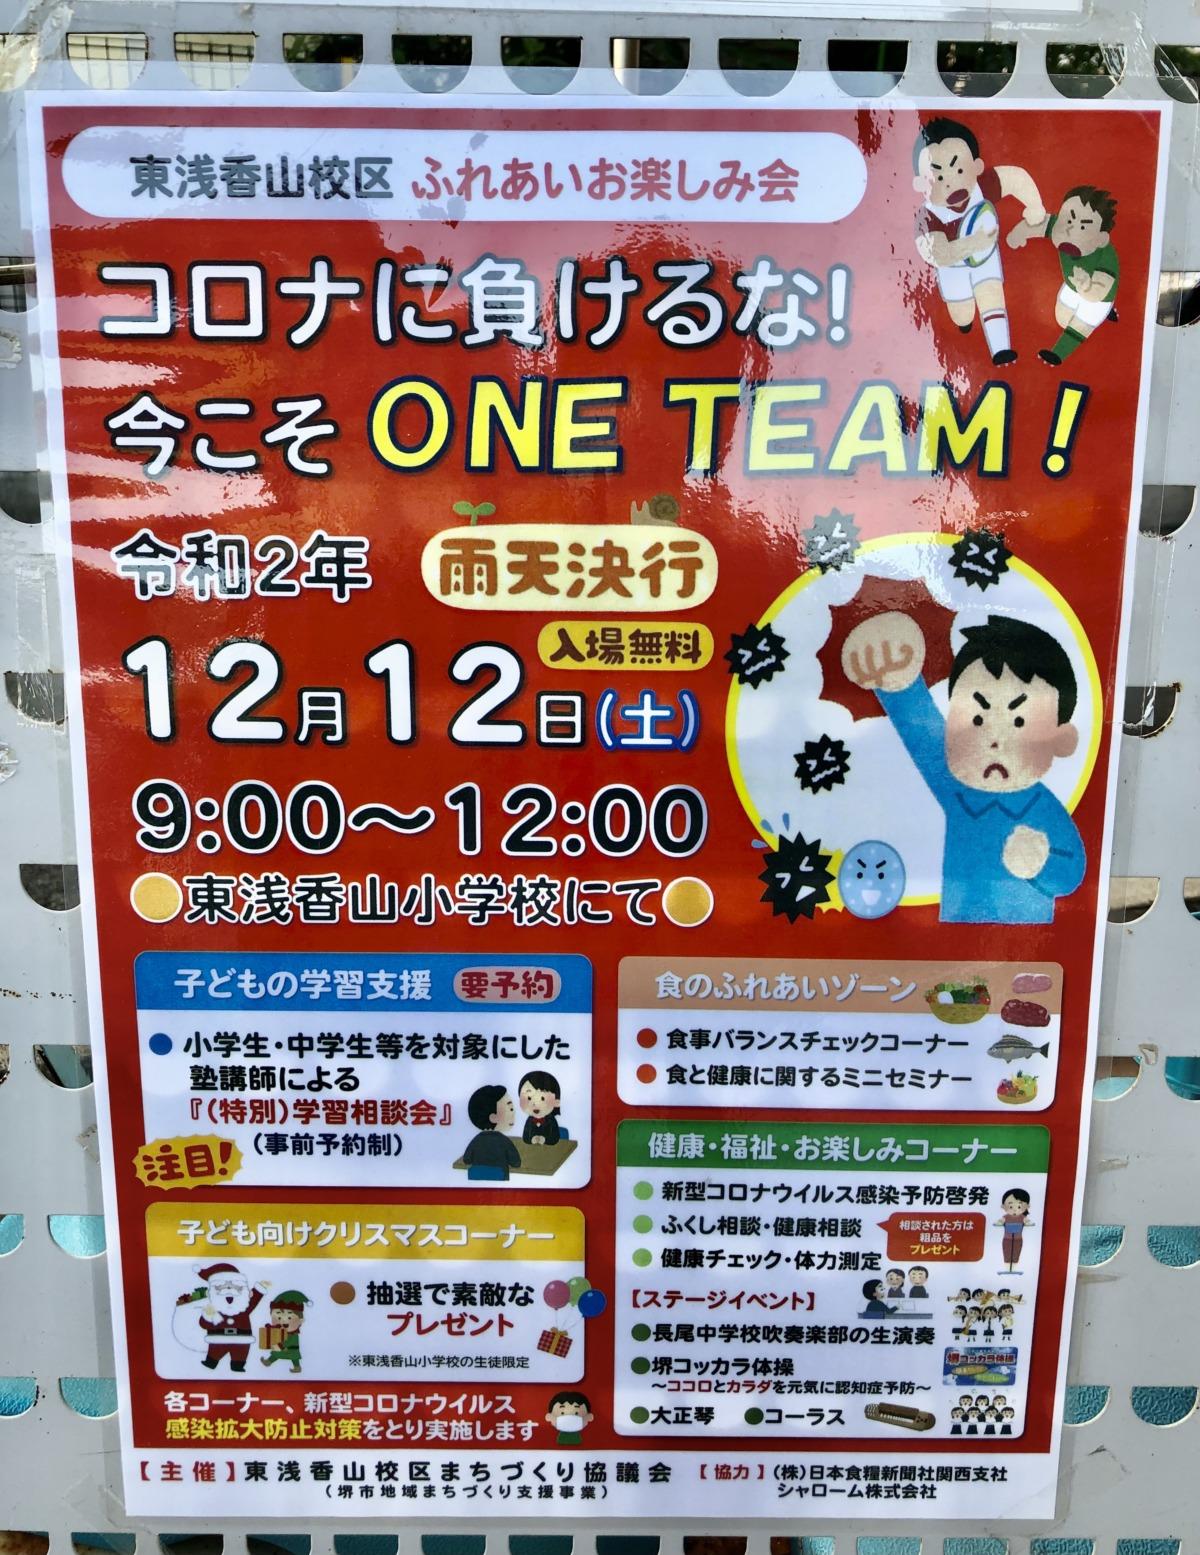 【2020.12/12(土)開催】堺市北区・東浅香山校区で『ふれあいお楽しみ会』&『朝市』が開催されます!!@東浅香山小学校: